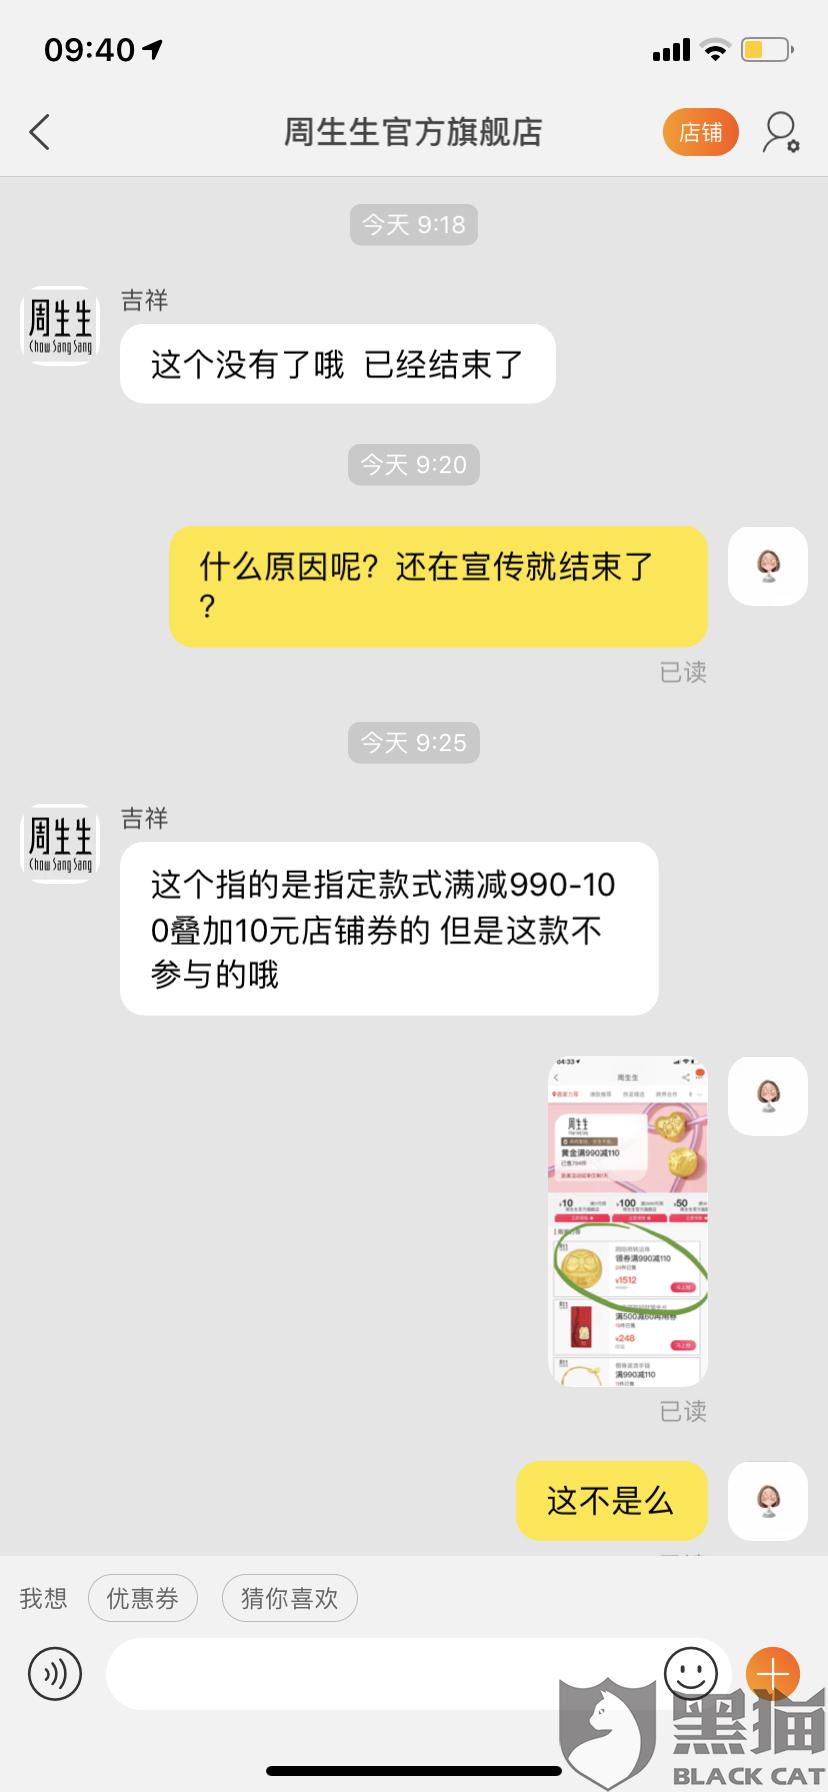 黑猫投诉:天猫周生生官方旗舰店在促销活动中存在虚假宣传行为